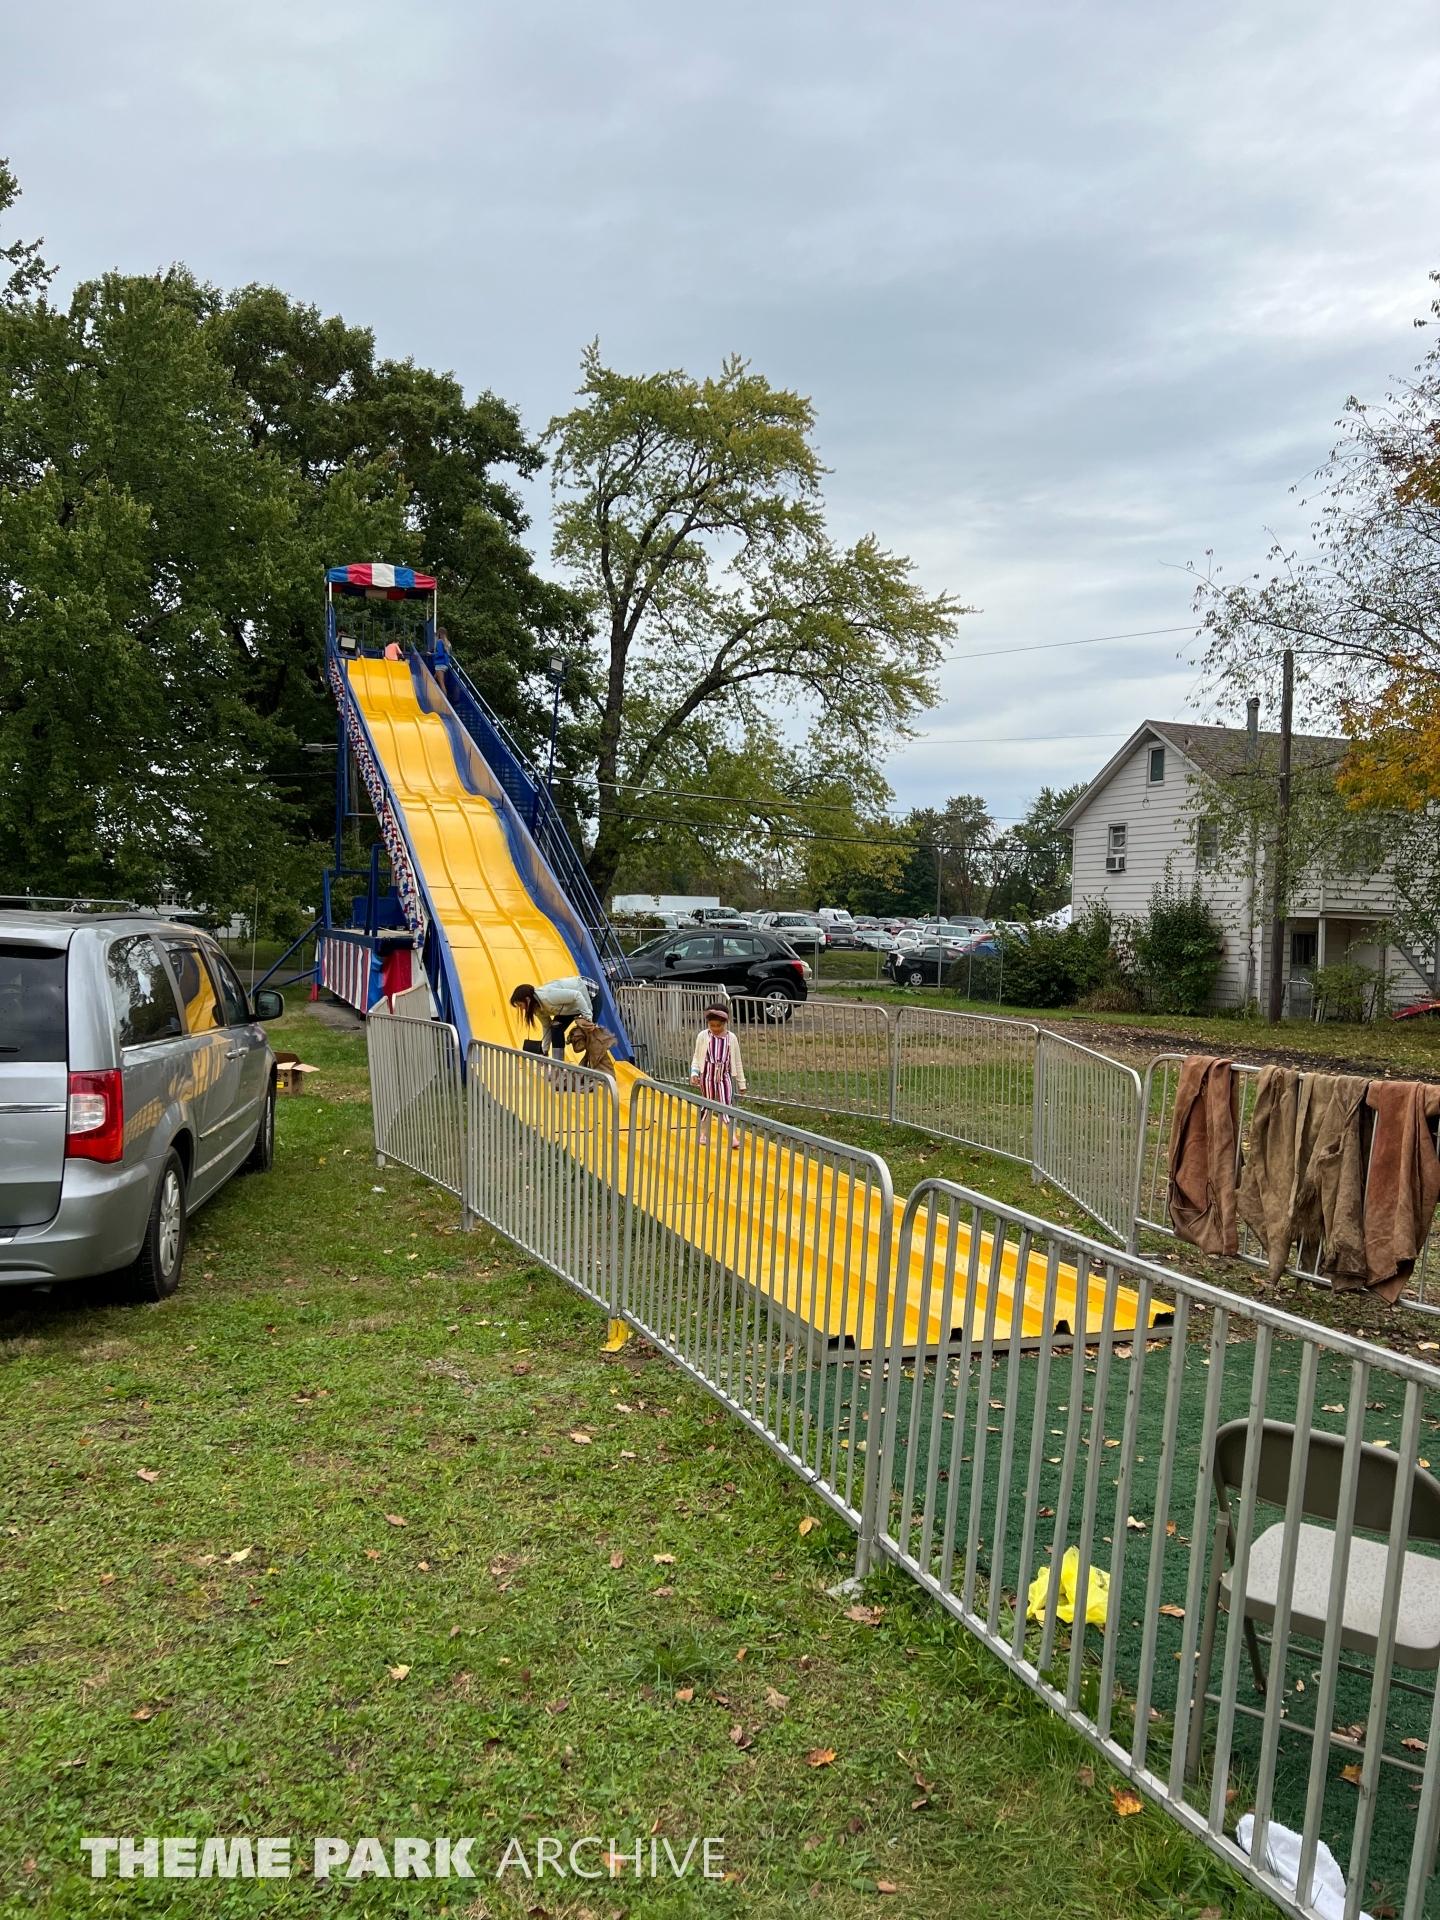 The Slide at Conneaut Lake Park